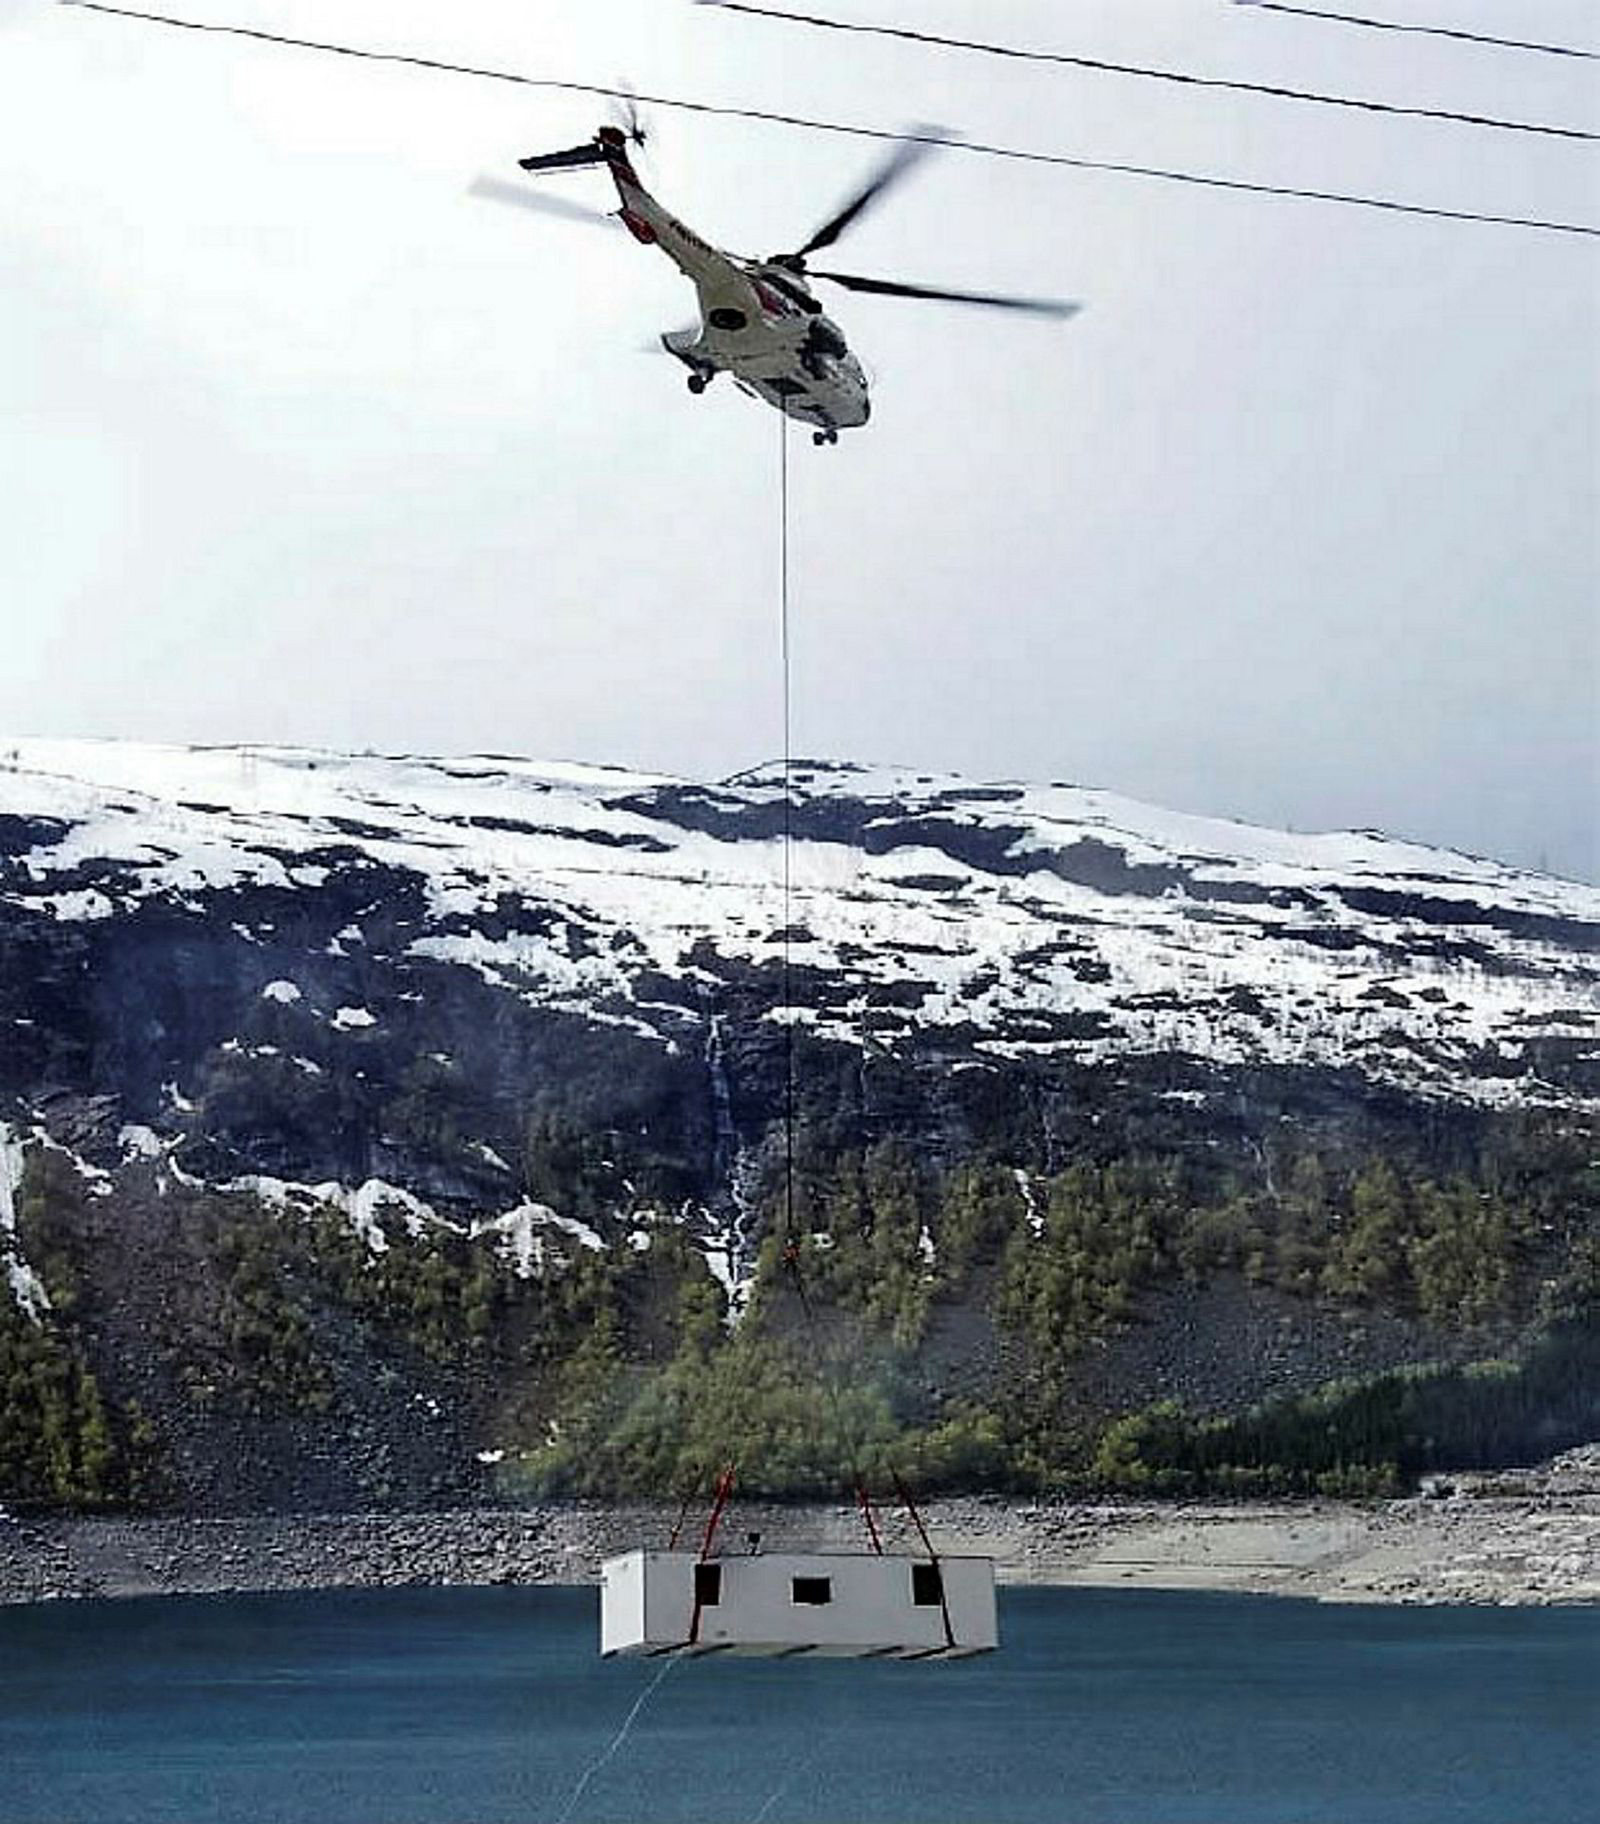 Utbyggere av tele- og kraftinstallasjoner har ofte spesielle behov. Her gjøres helikopterløft med en av brakkene fra Letthus.